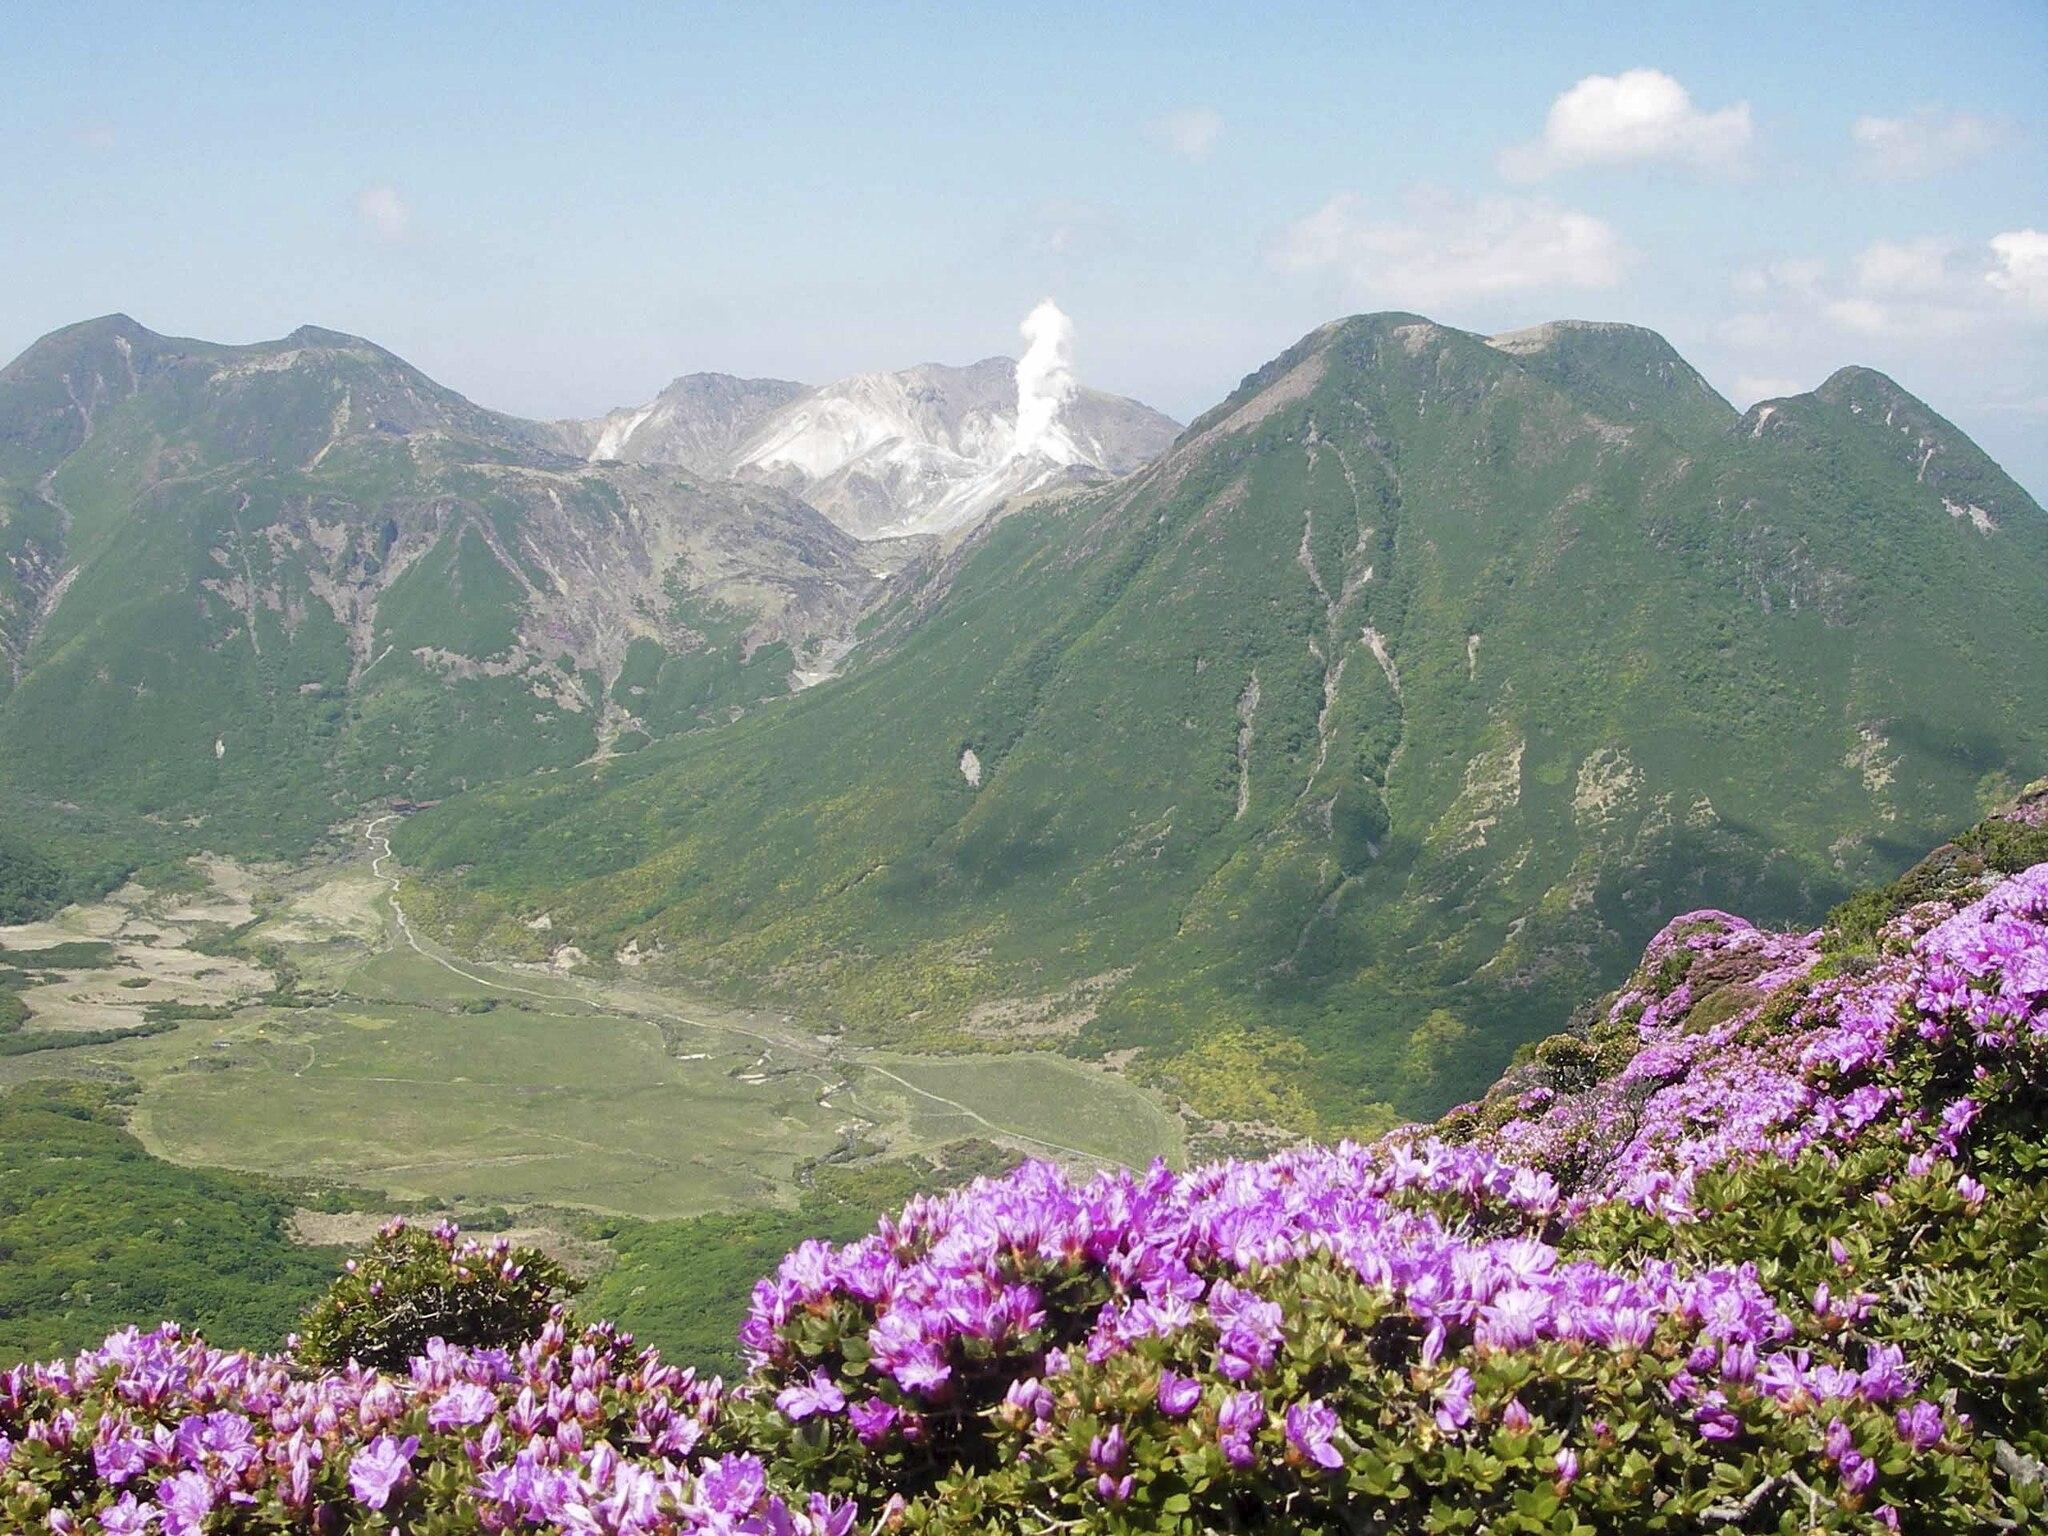 ミヤマキリシマ咲く九重連山